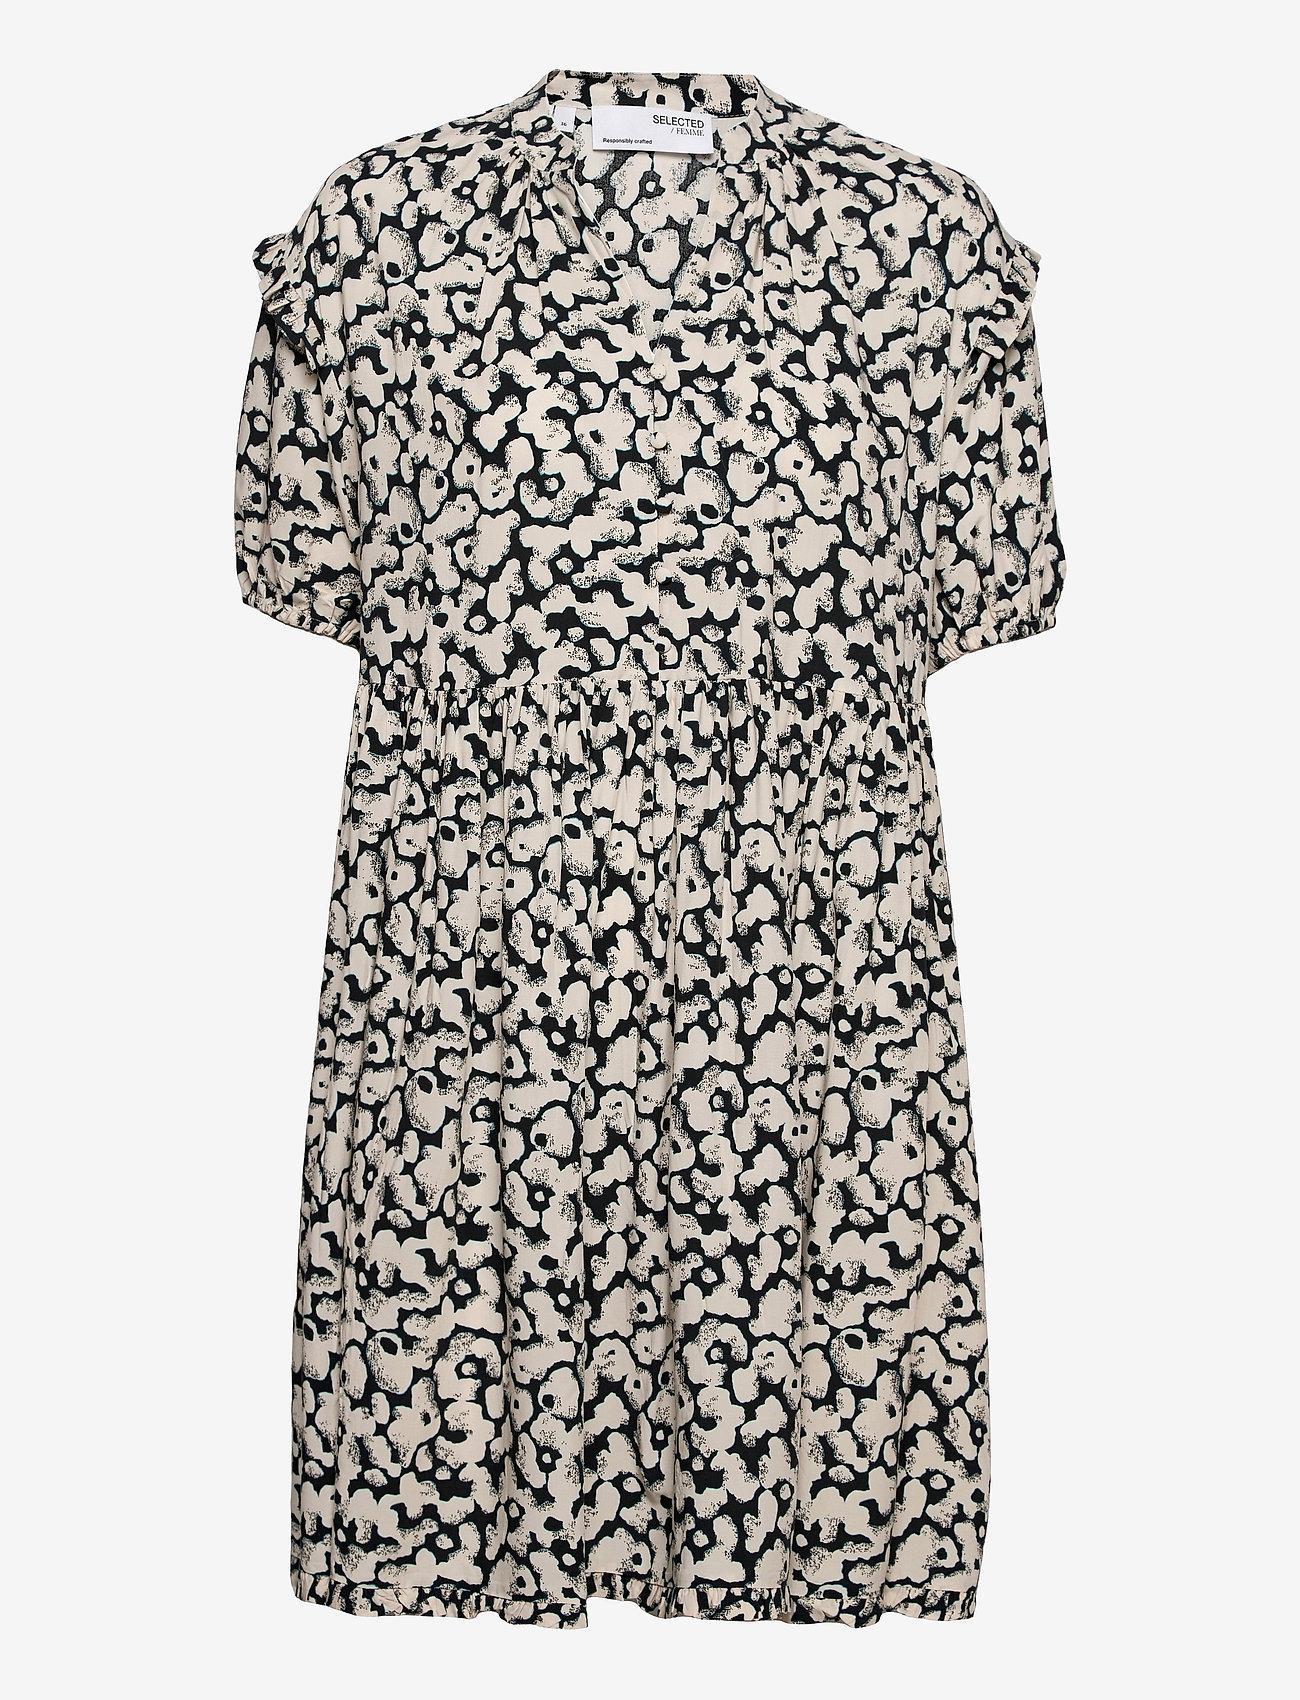 Selected Femme - SLFPAULINA AOP 2/4 SHORT DRESS - sommerkjoler - black - 0